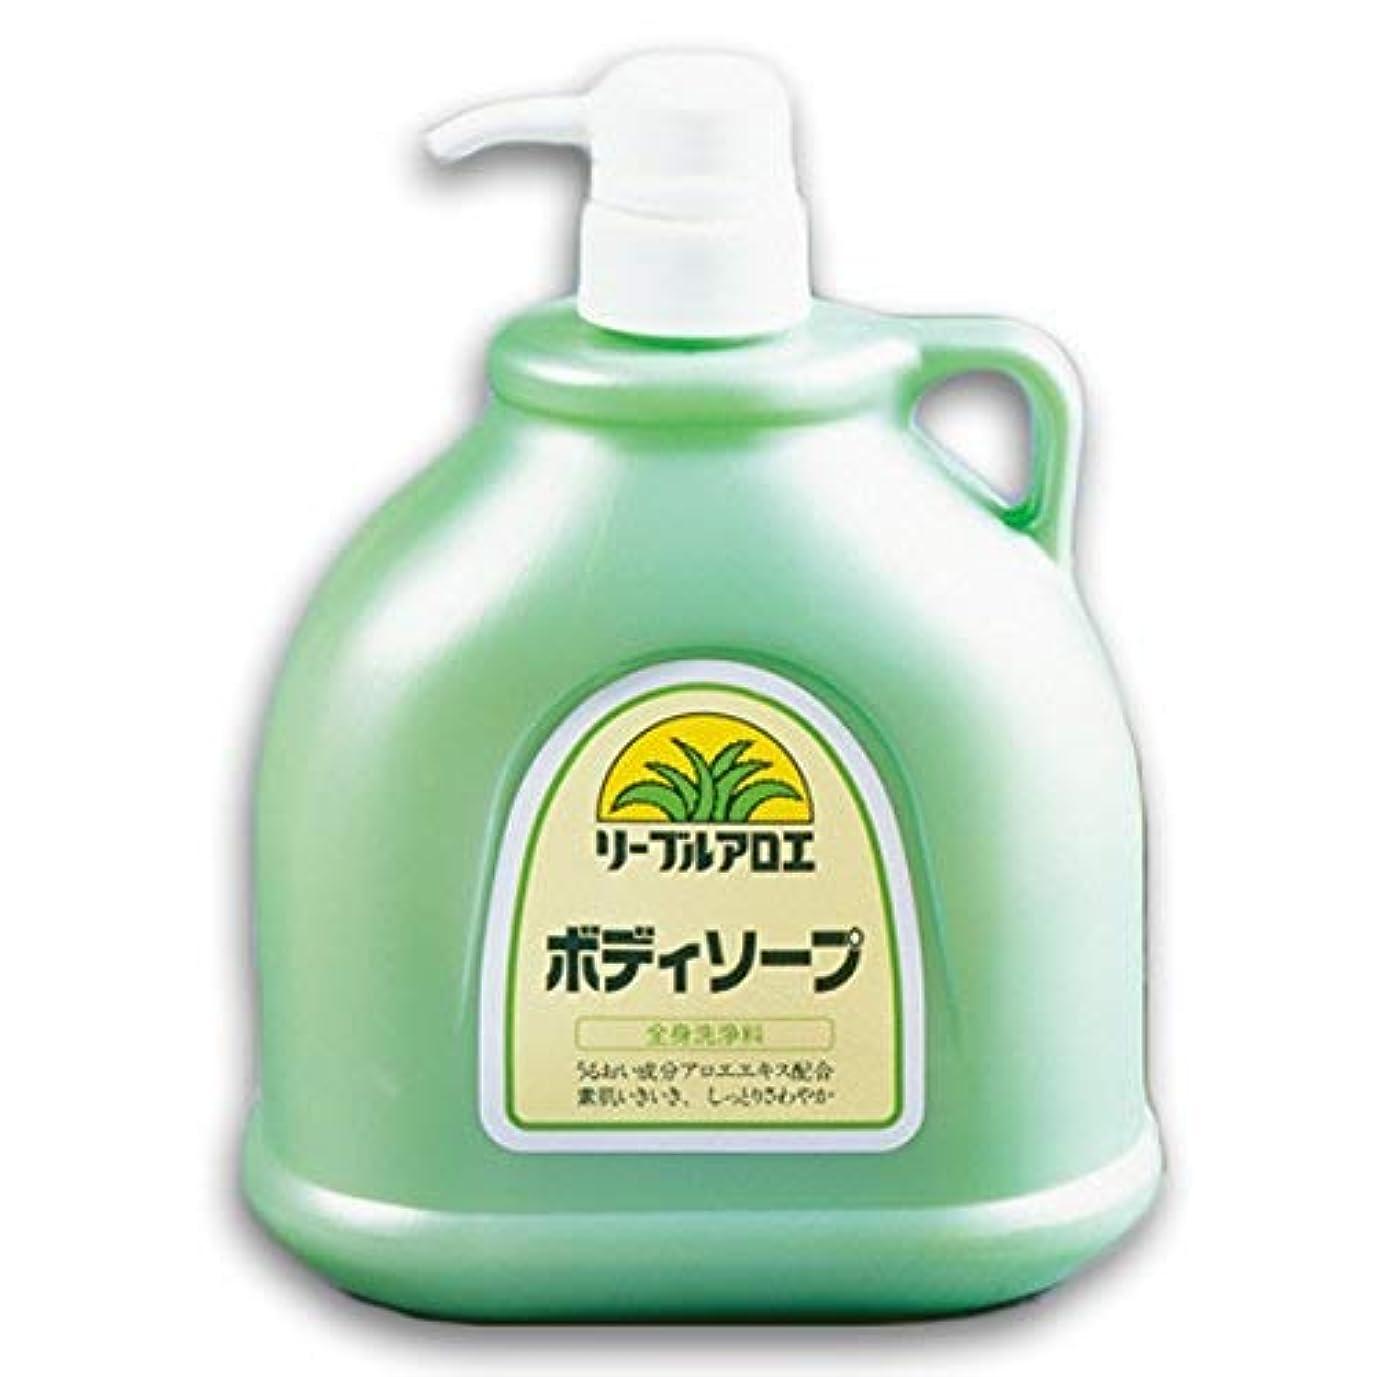 入浴咲く機械全身洗浄料リーブルアロエボディーソープ